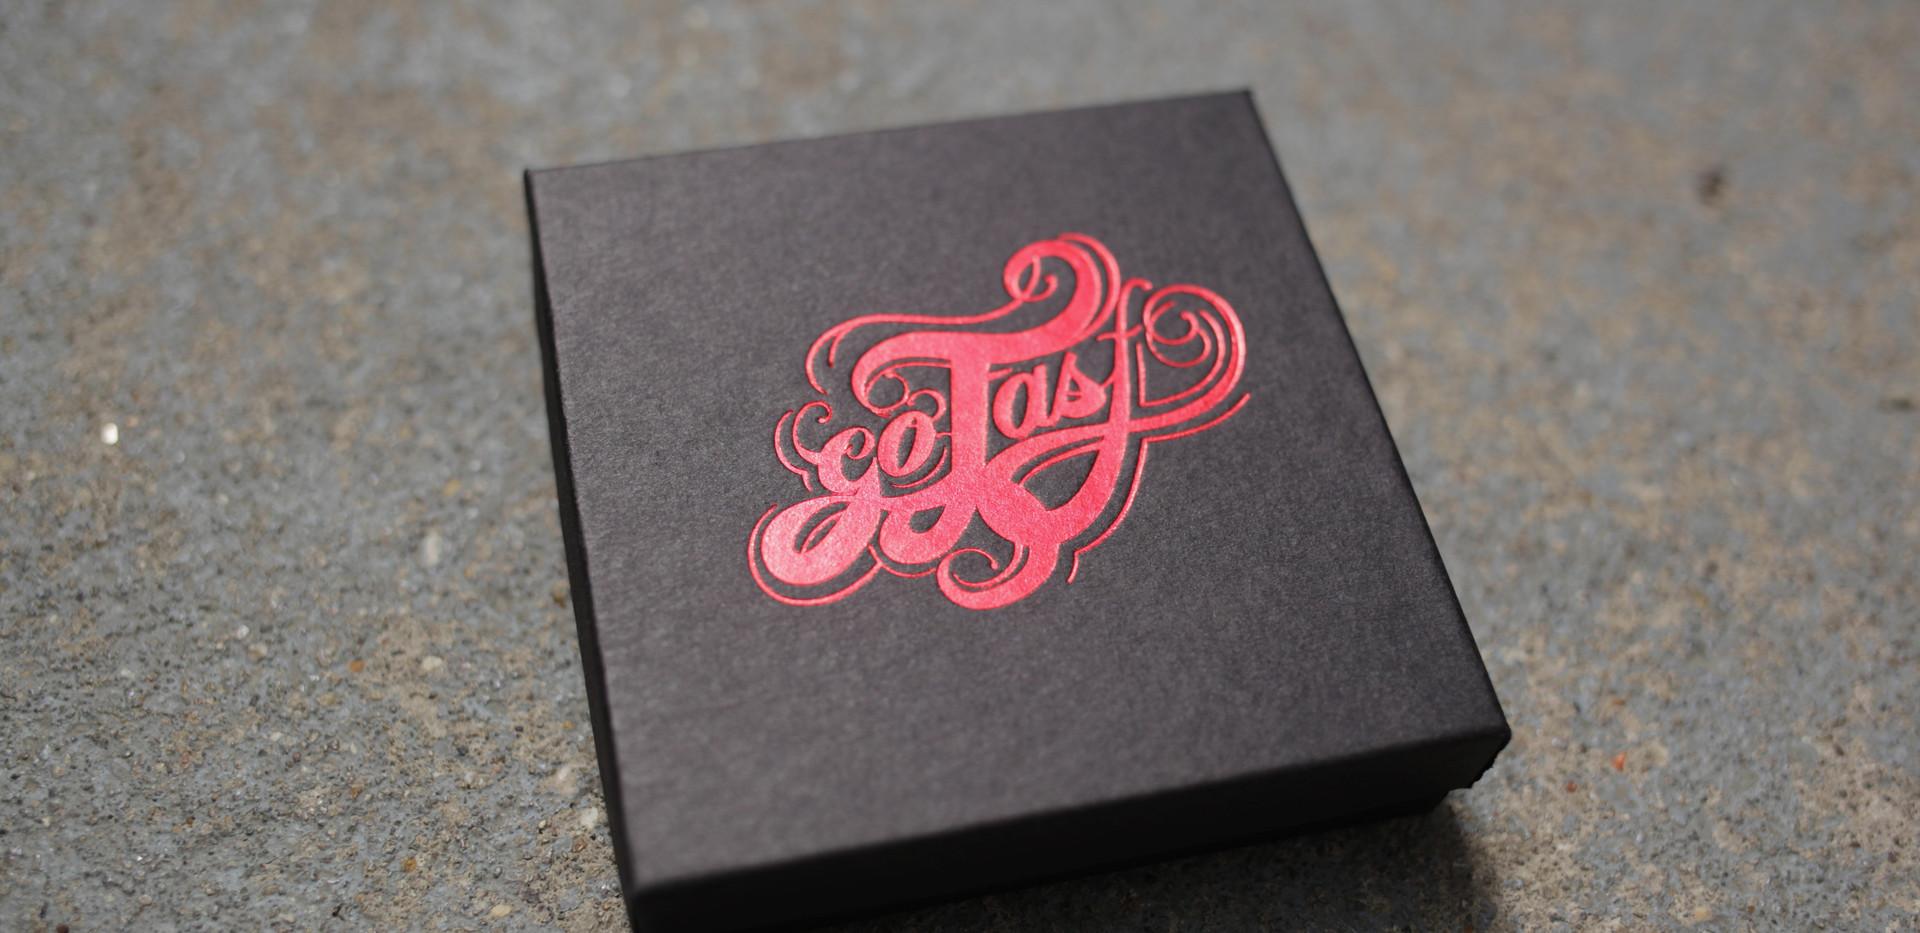 Go Fast_red foil.jpg